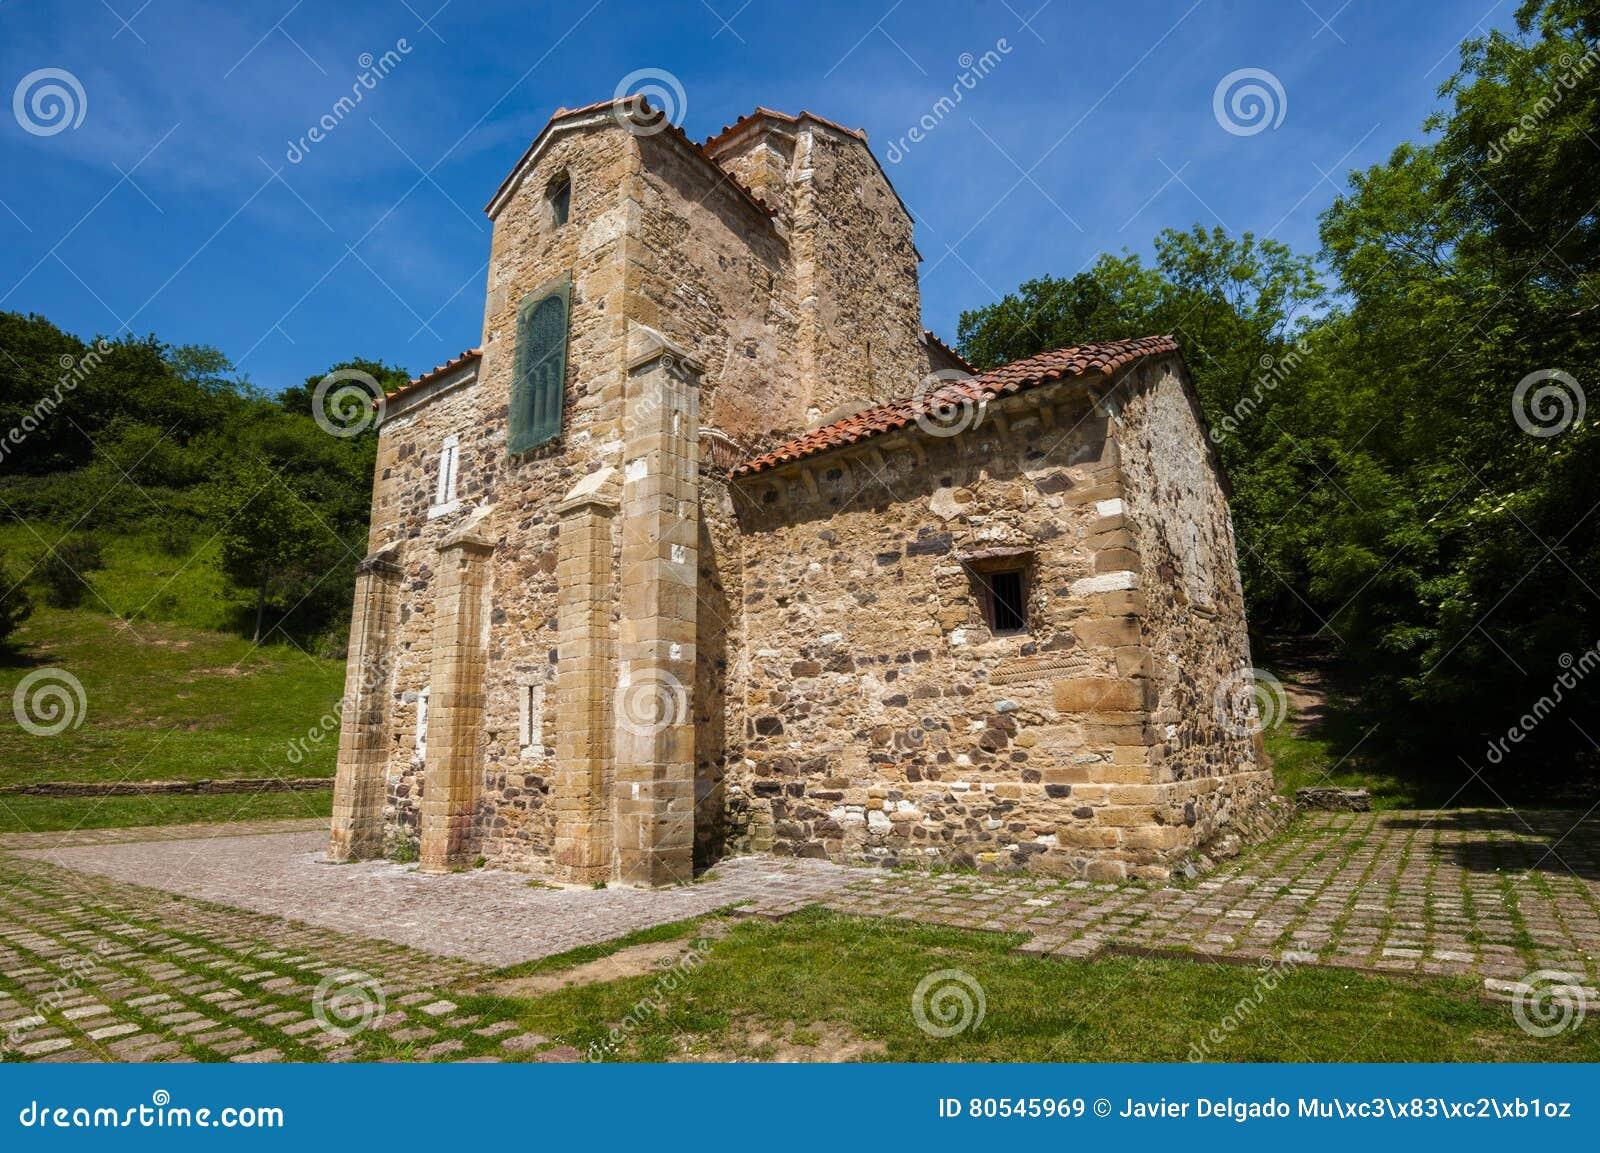 San Miguel de Lillo, церковь пре-романск, столетие IX